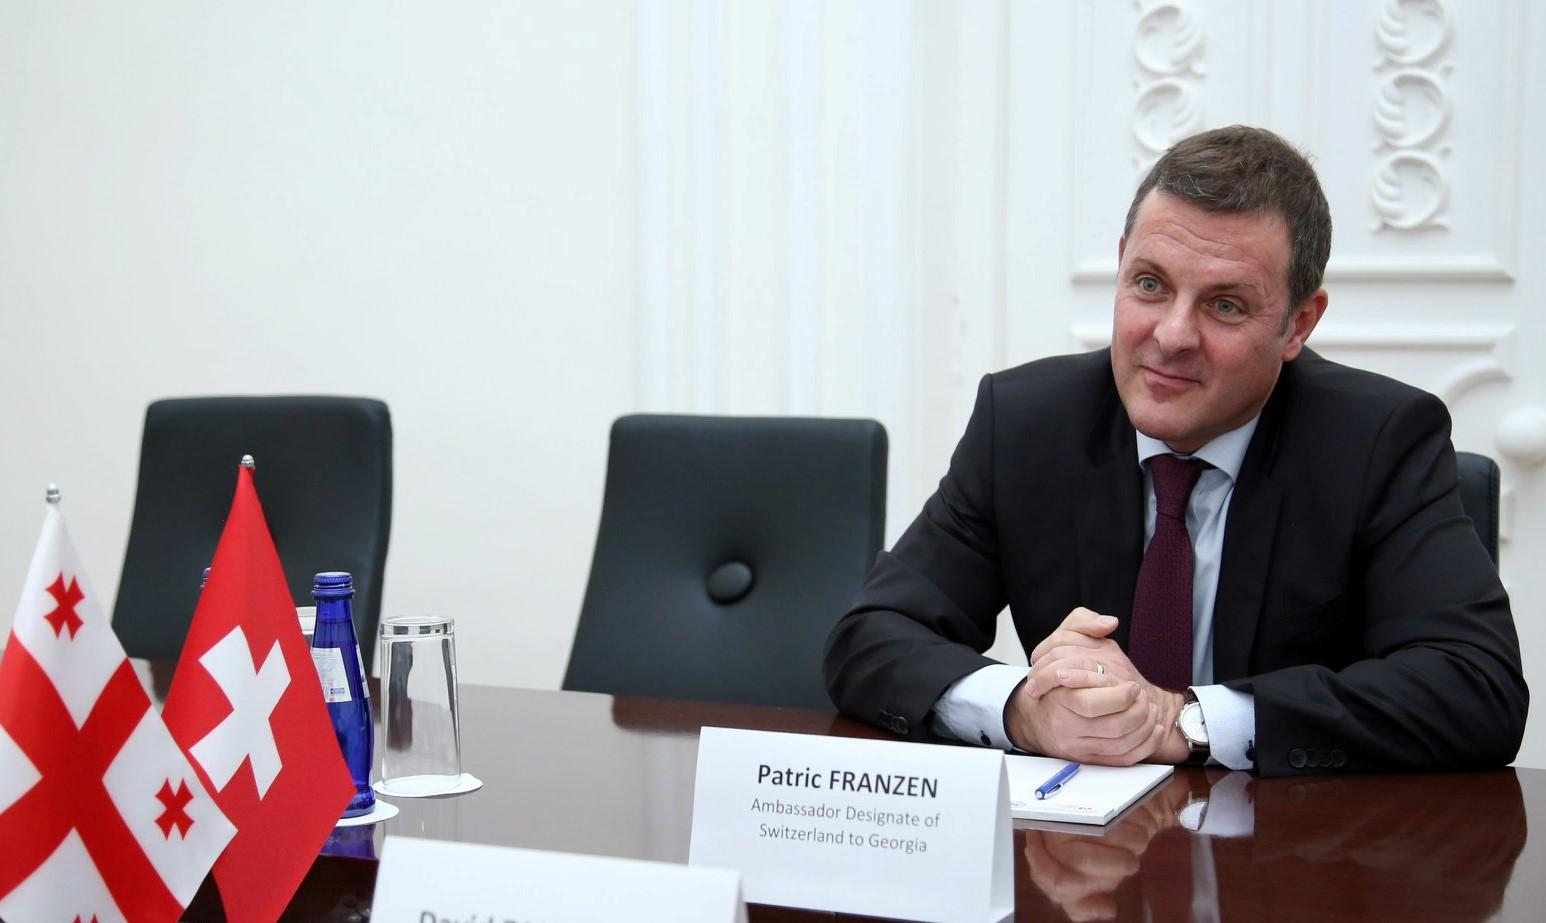 Patric Franzen грузино-российские отношения грузино-российские отношения